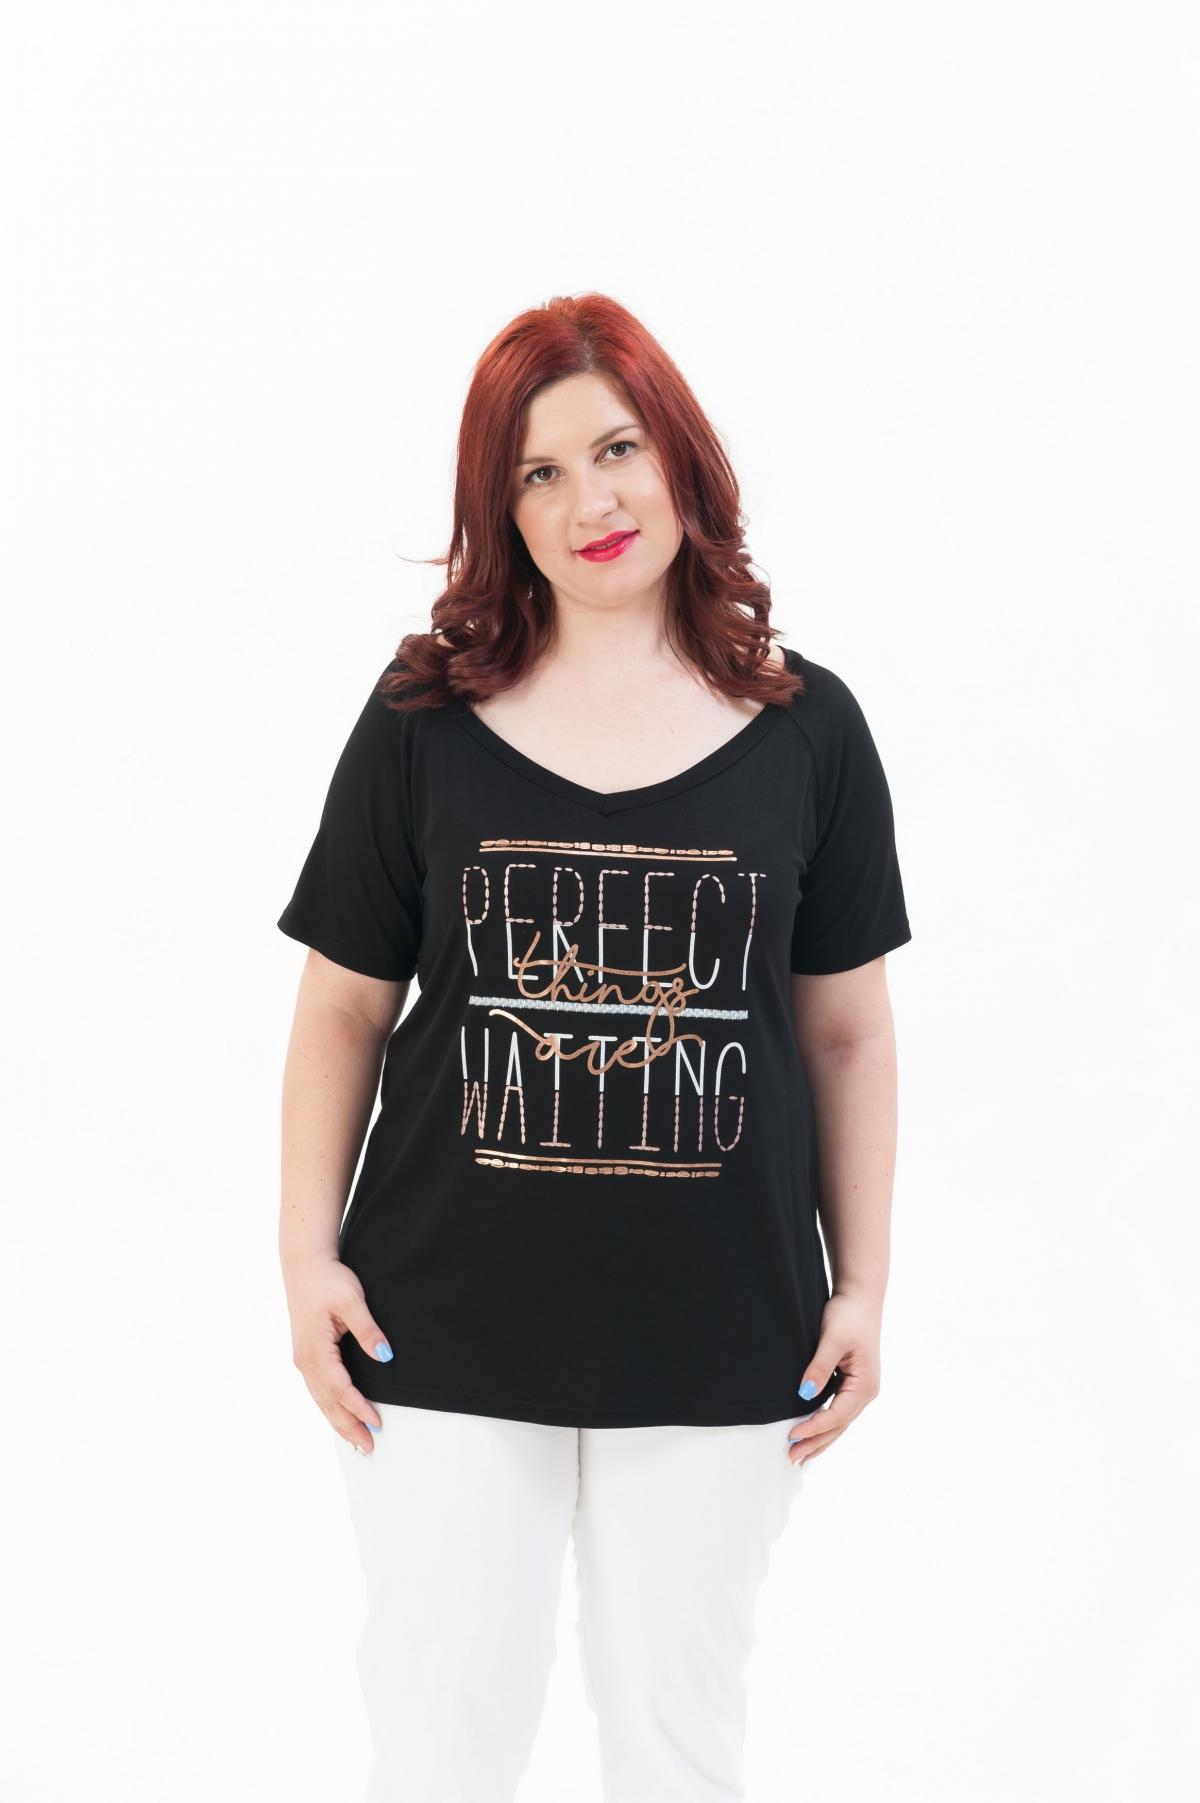 a424276a0d3 ΜΠΛΟΥΖΑ ΚΟΝΤΟ ΜΑΝΙΚΙ - Real Lady - Shop Online